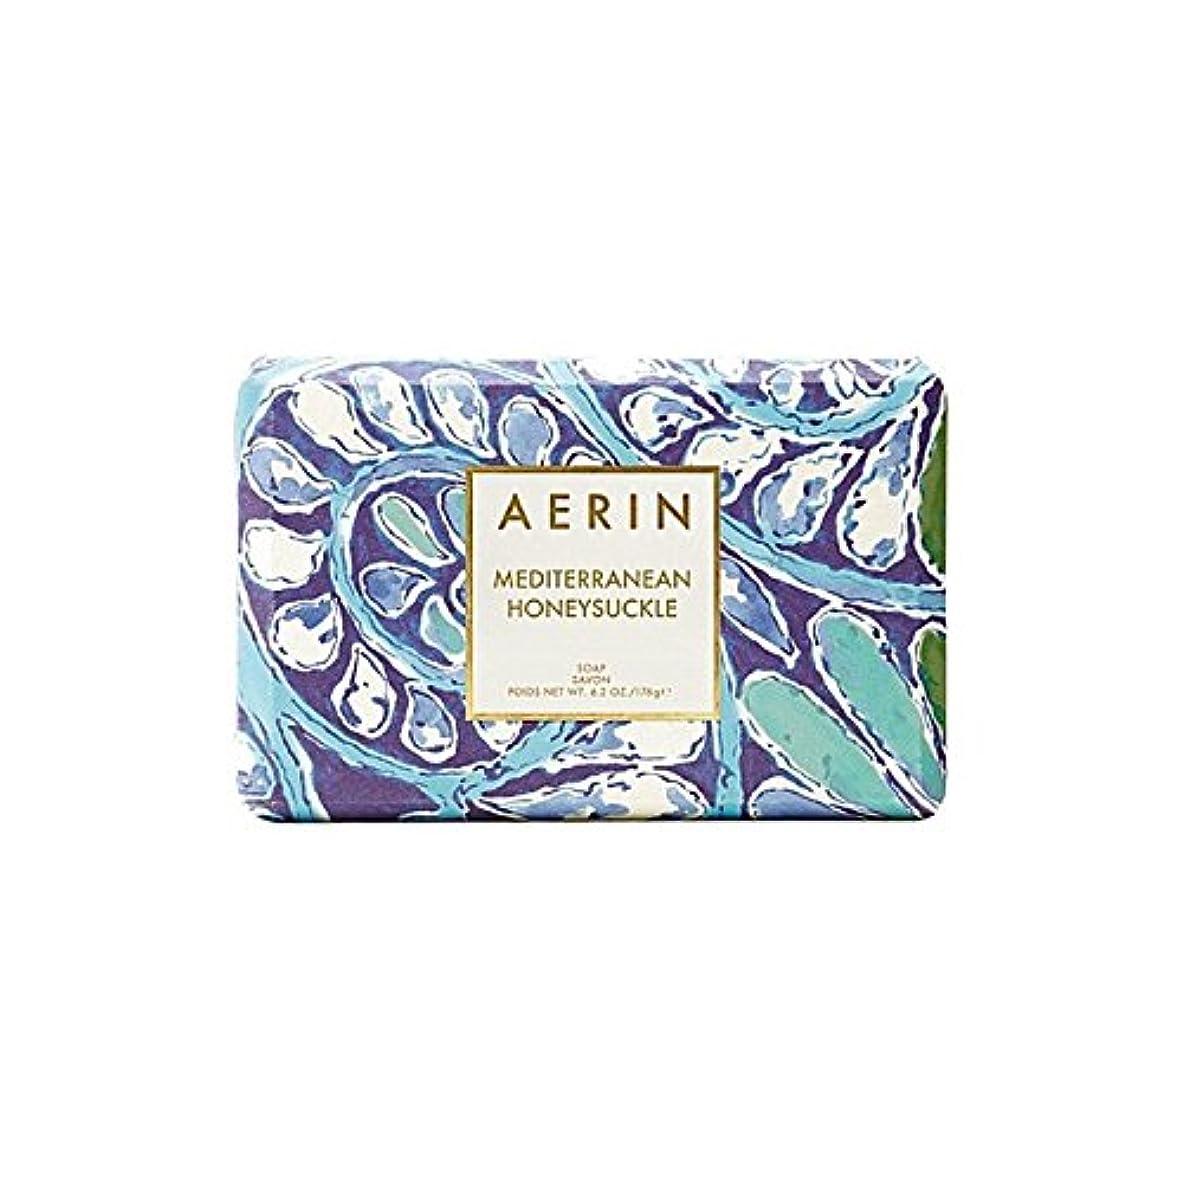 思い出させる後世縫い目スイカズラ固形石鹸176グラム x4 - Aerin Mediterrenean Honeysuckle Bar Soap 176G (Pack of 4) [並行輸入品]